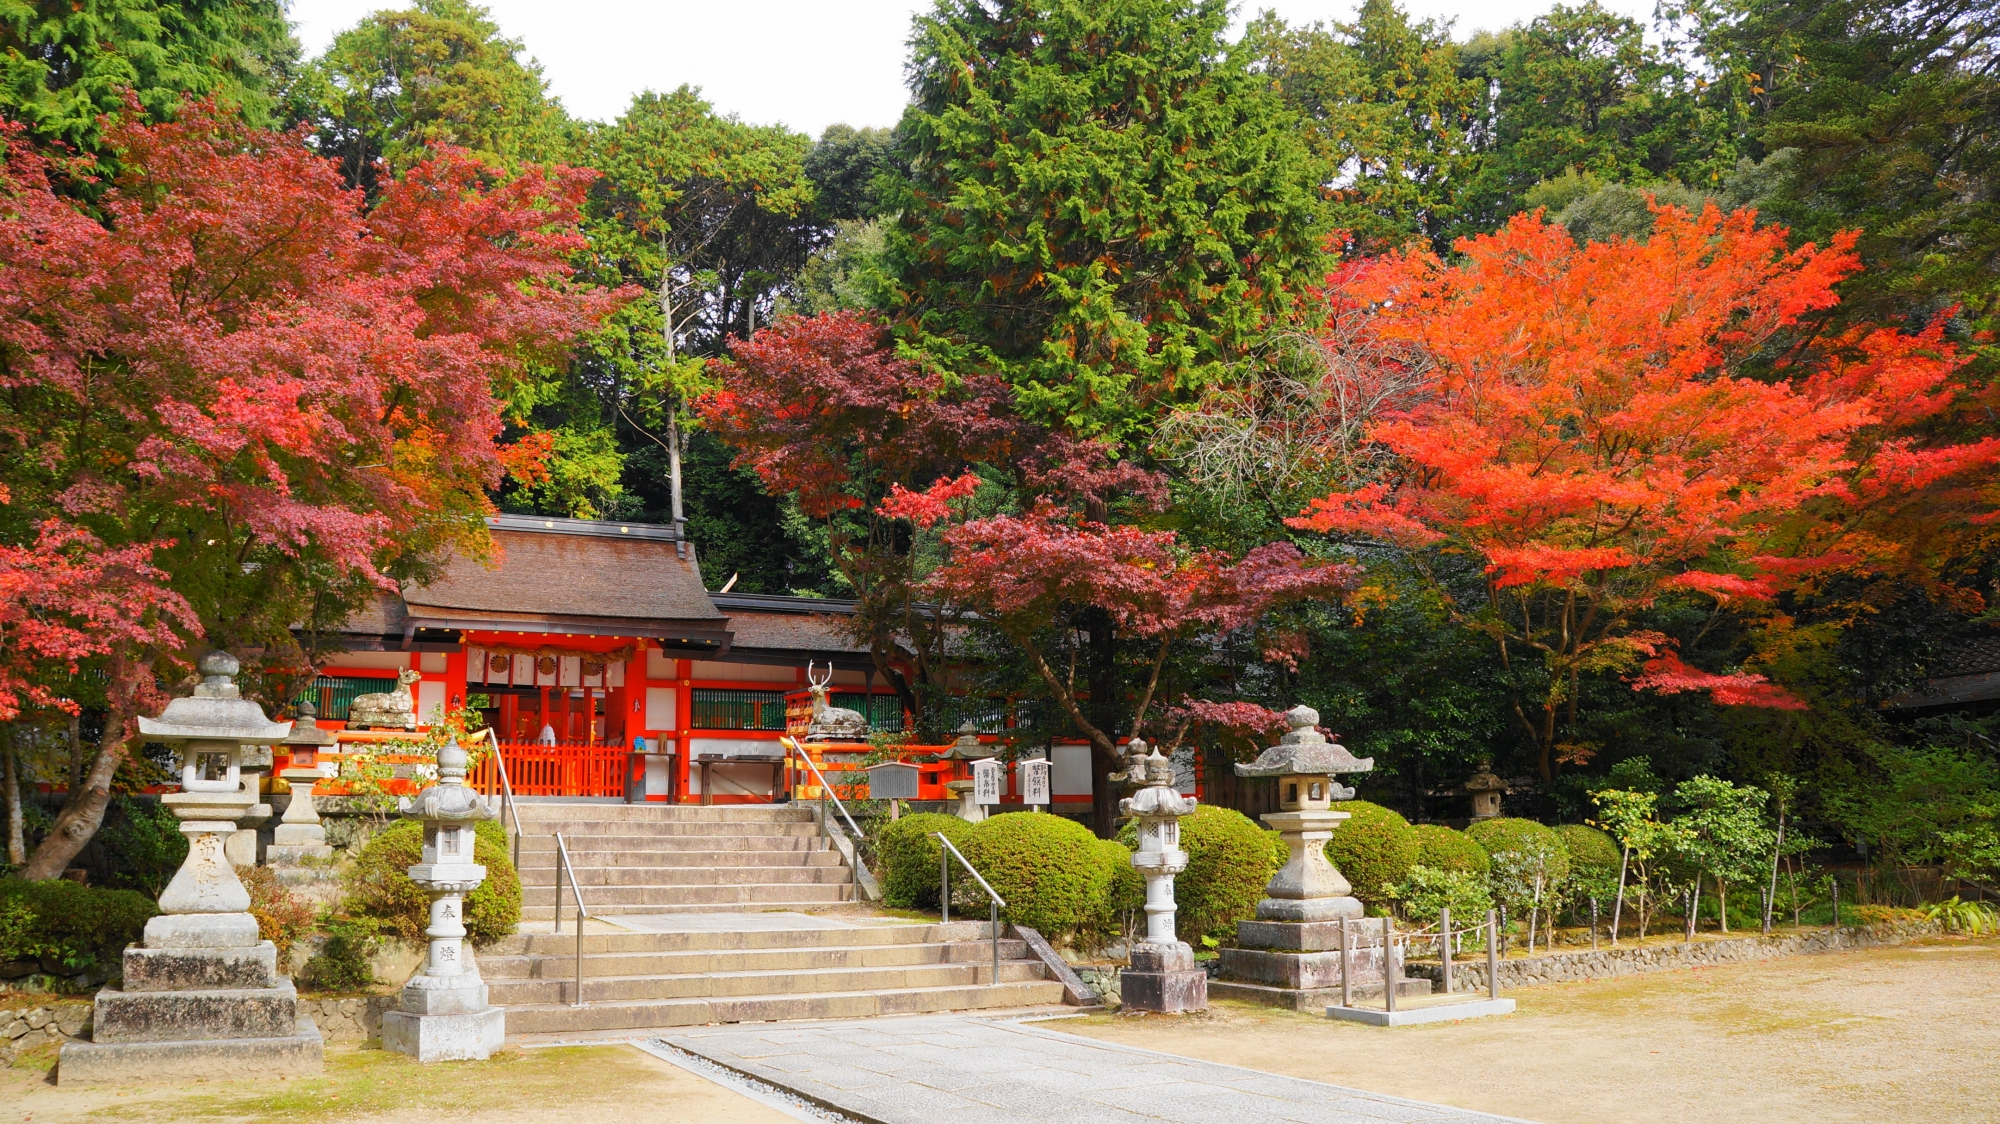 大原野神社の鮮やかな紅葉につつまれた本殿